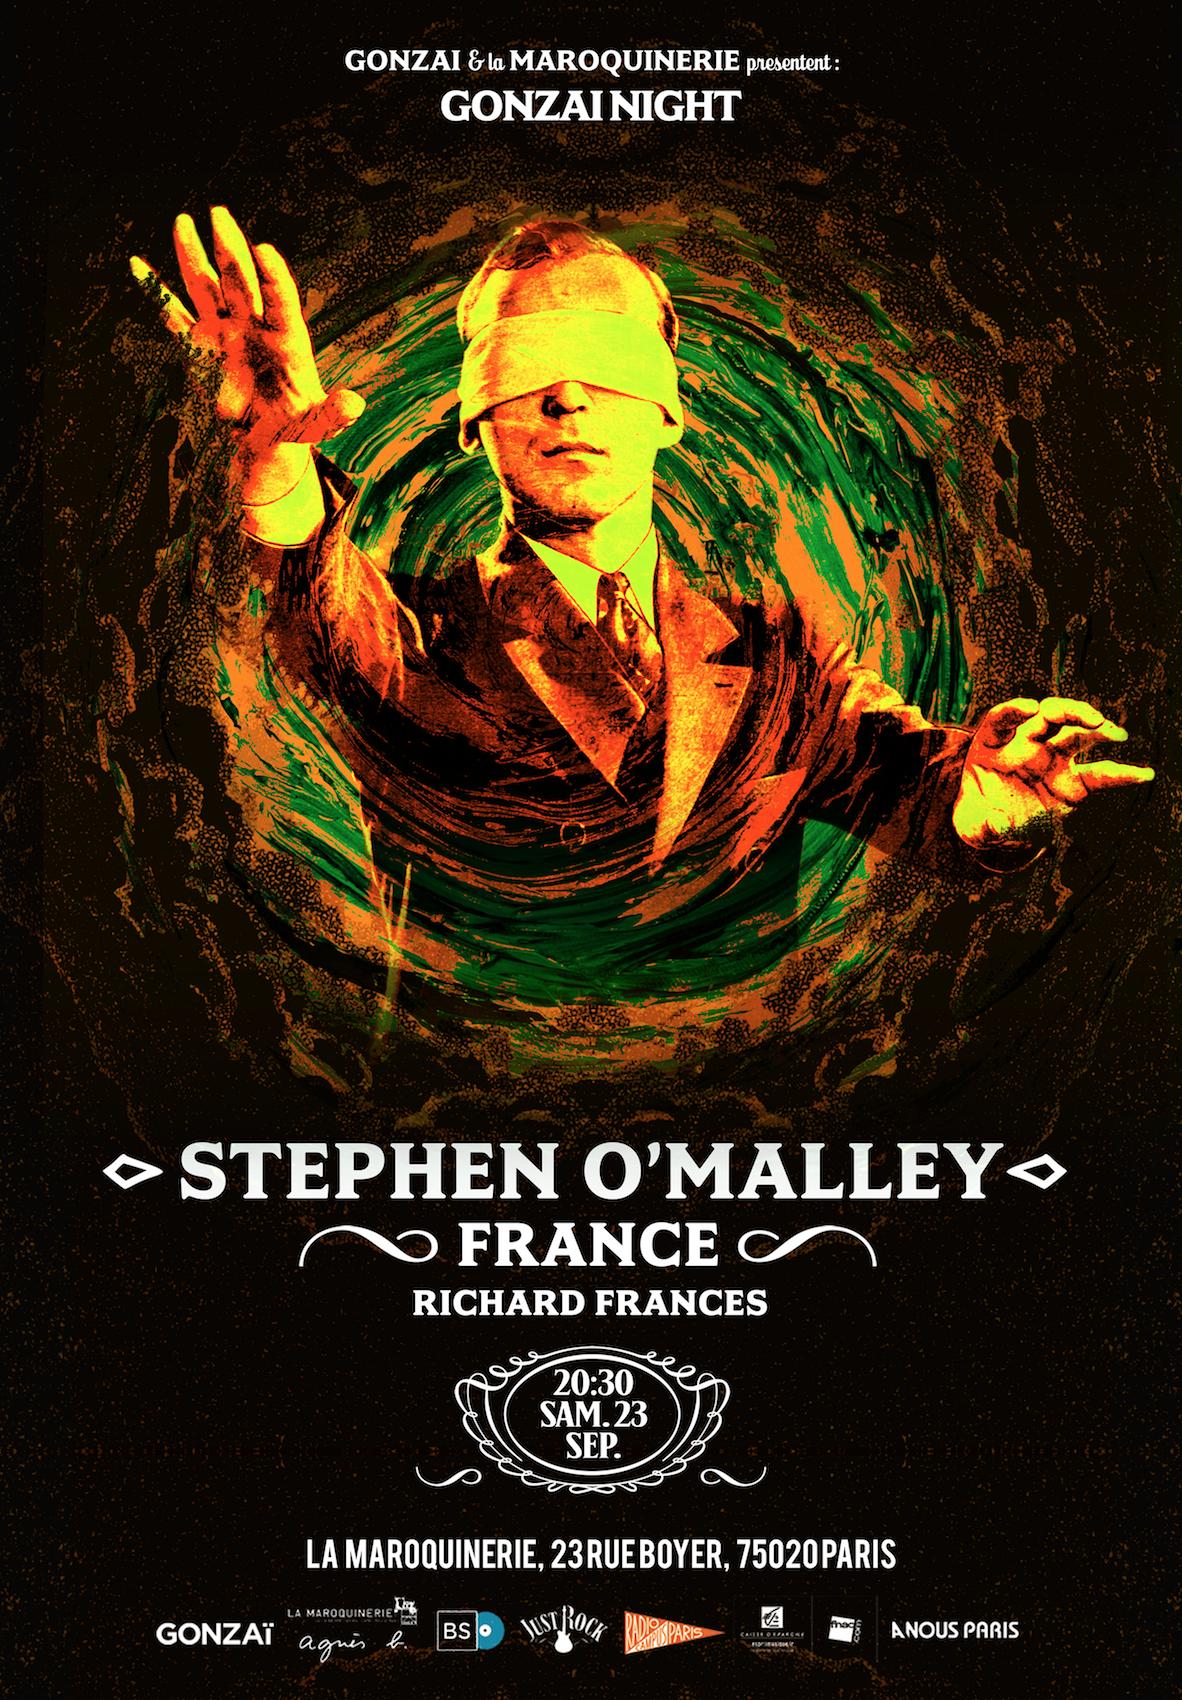 Stephen O'Malley (solo) @ La Maroquinerie